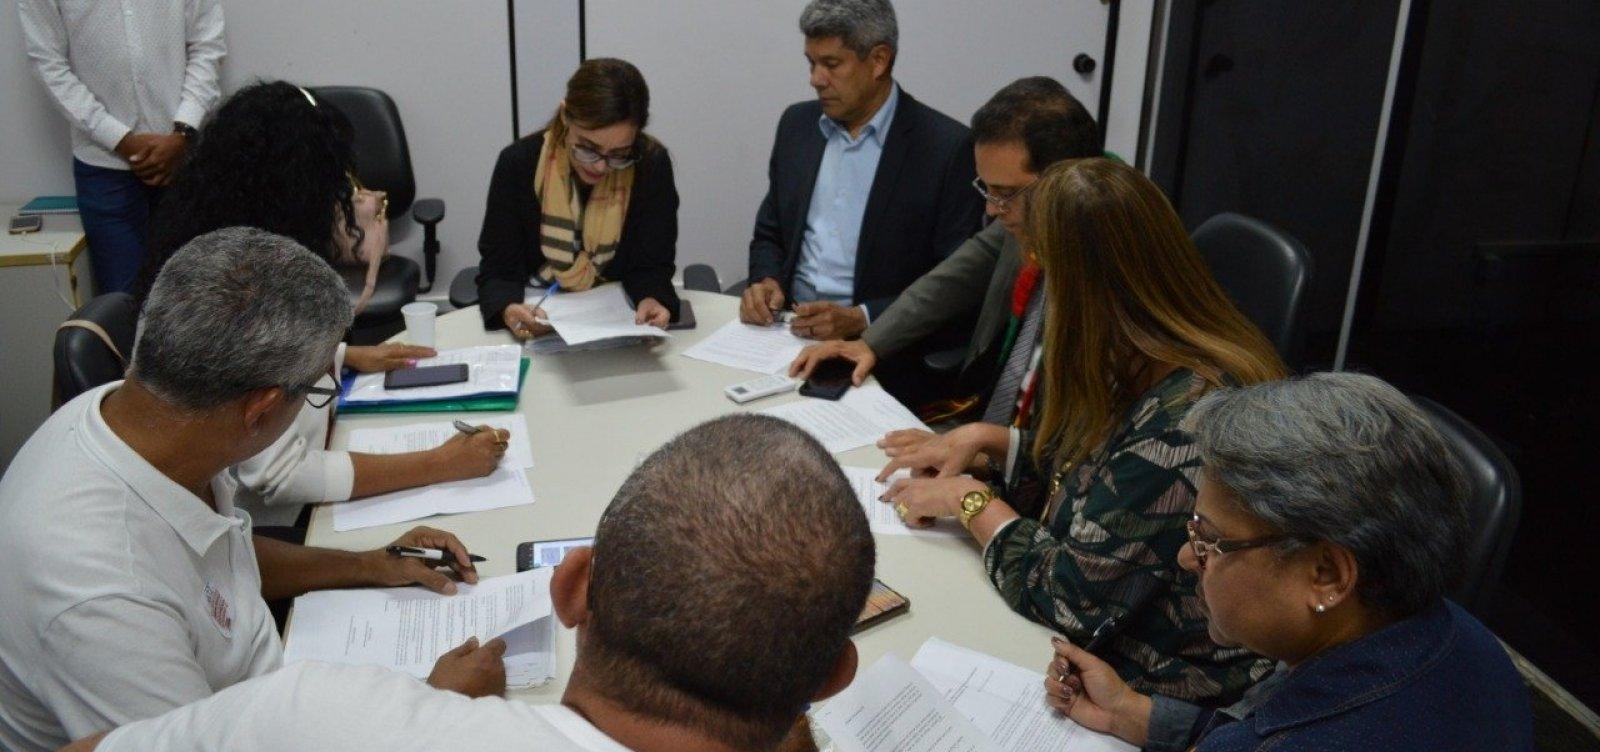 [Governo afirma que assinou compromisso com professores para fim da greve]